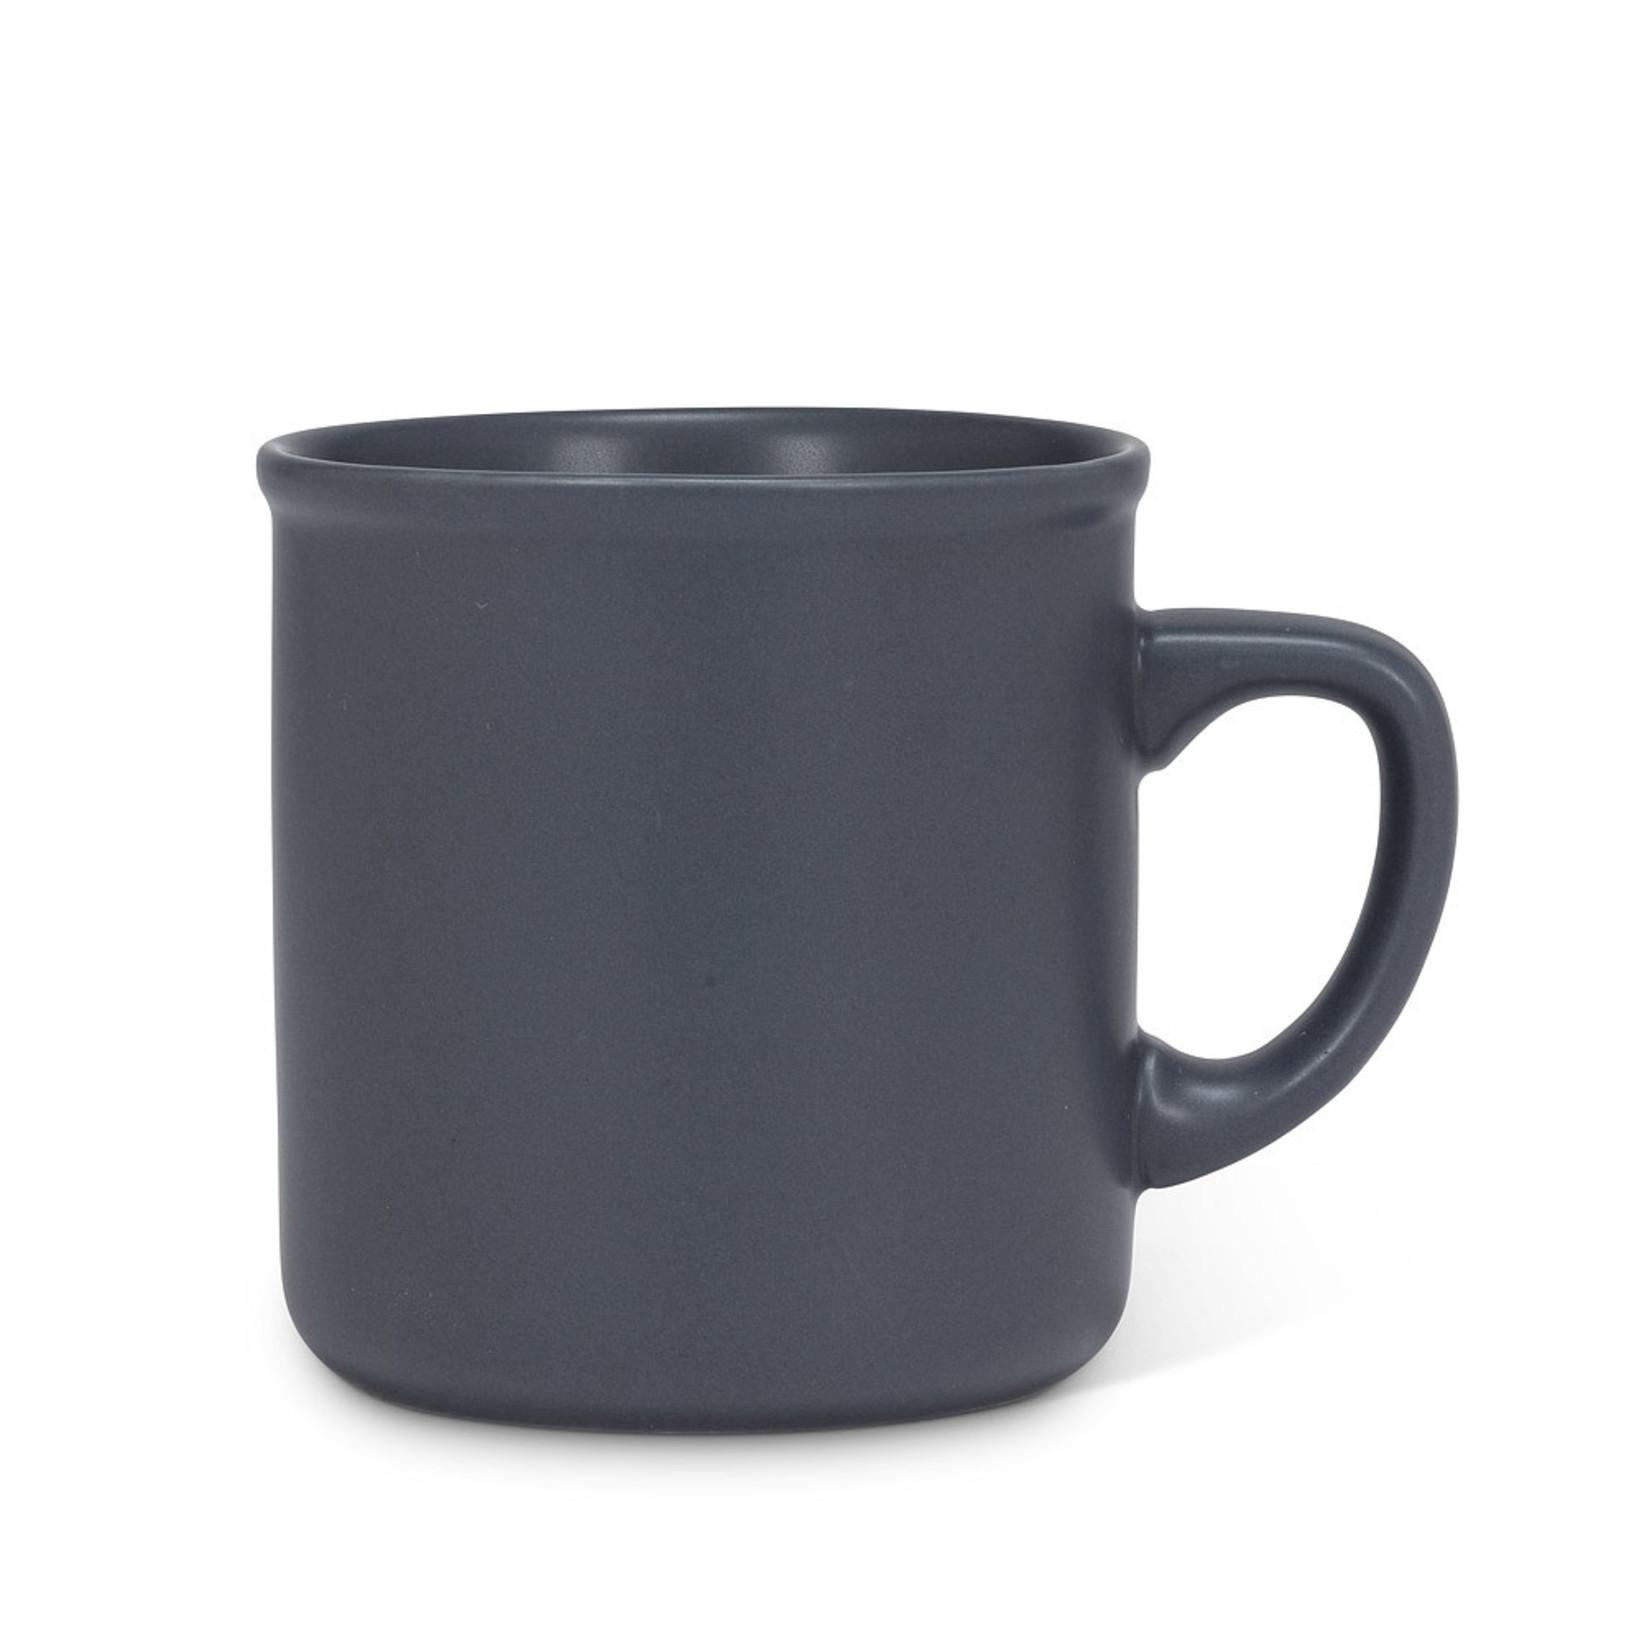 Mug - 12 oz. Matte